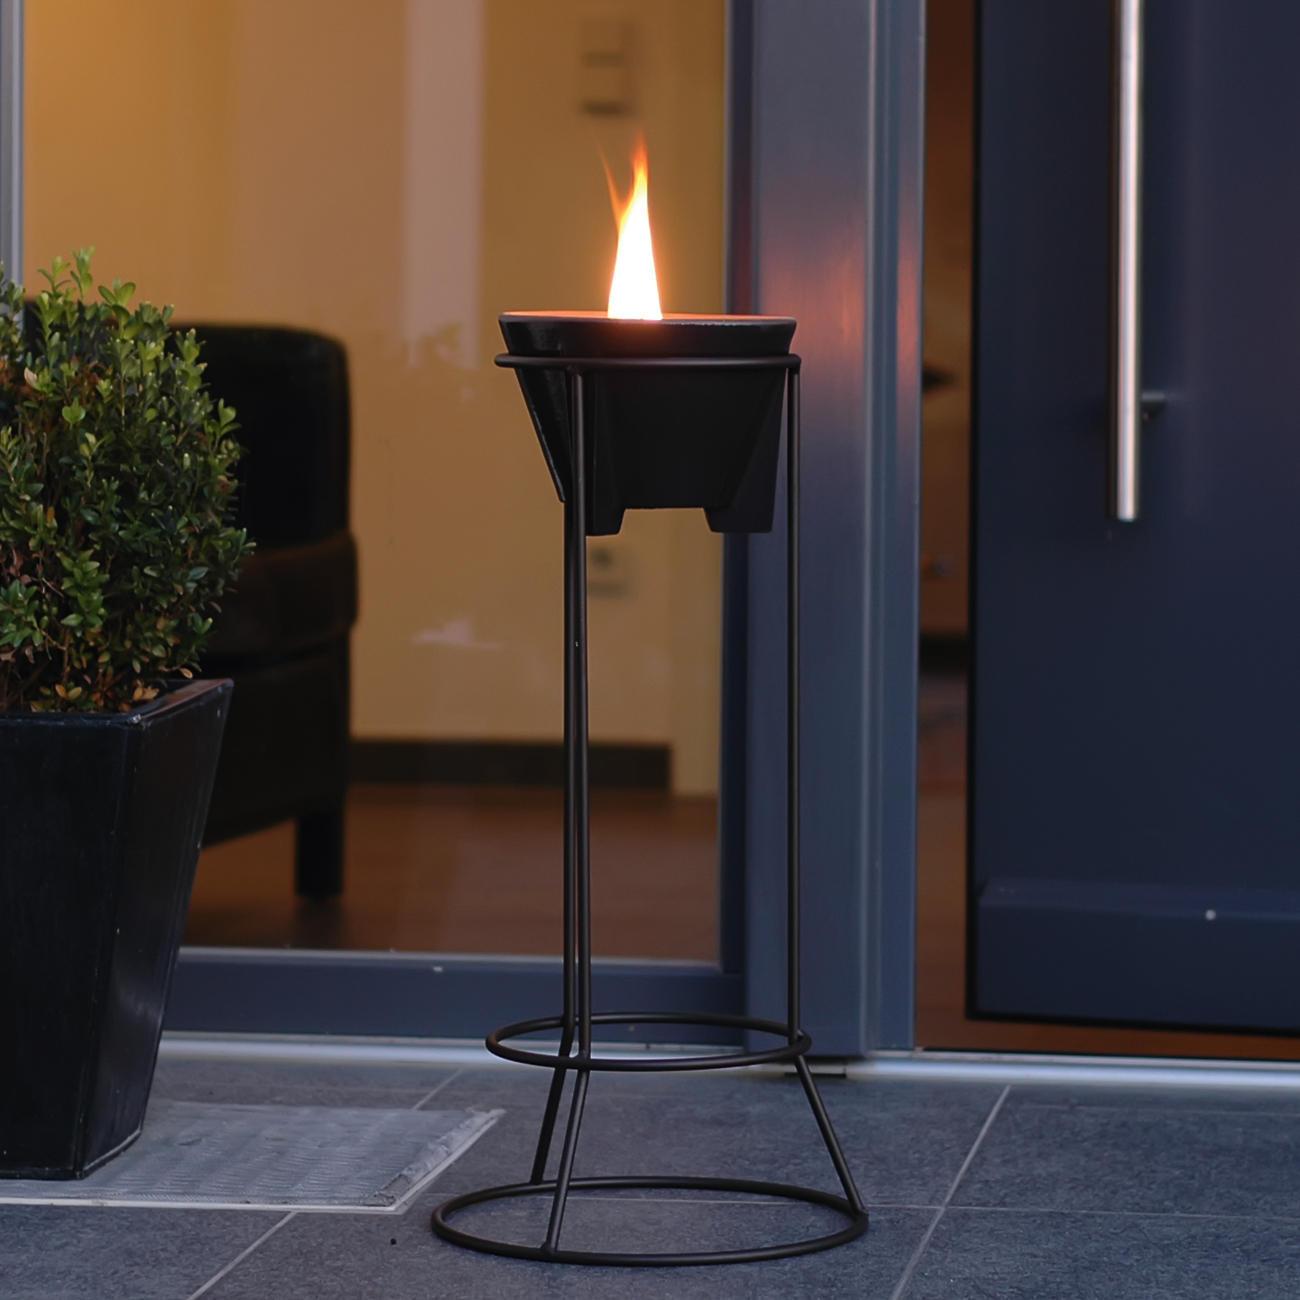 schmelzfeuer mit abdeckplatte mit 3 jahren garantie. Black Bedroom Furniture Sets. Home Design Ideas